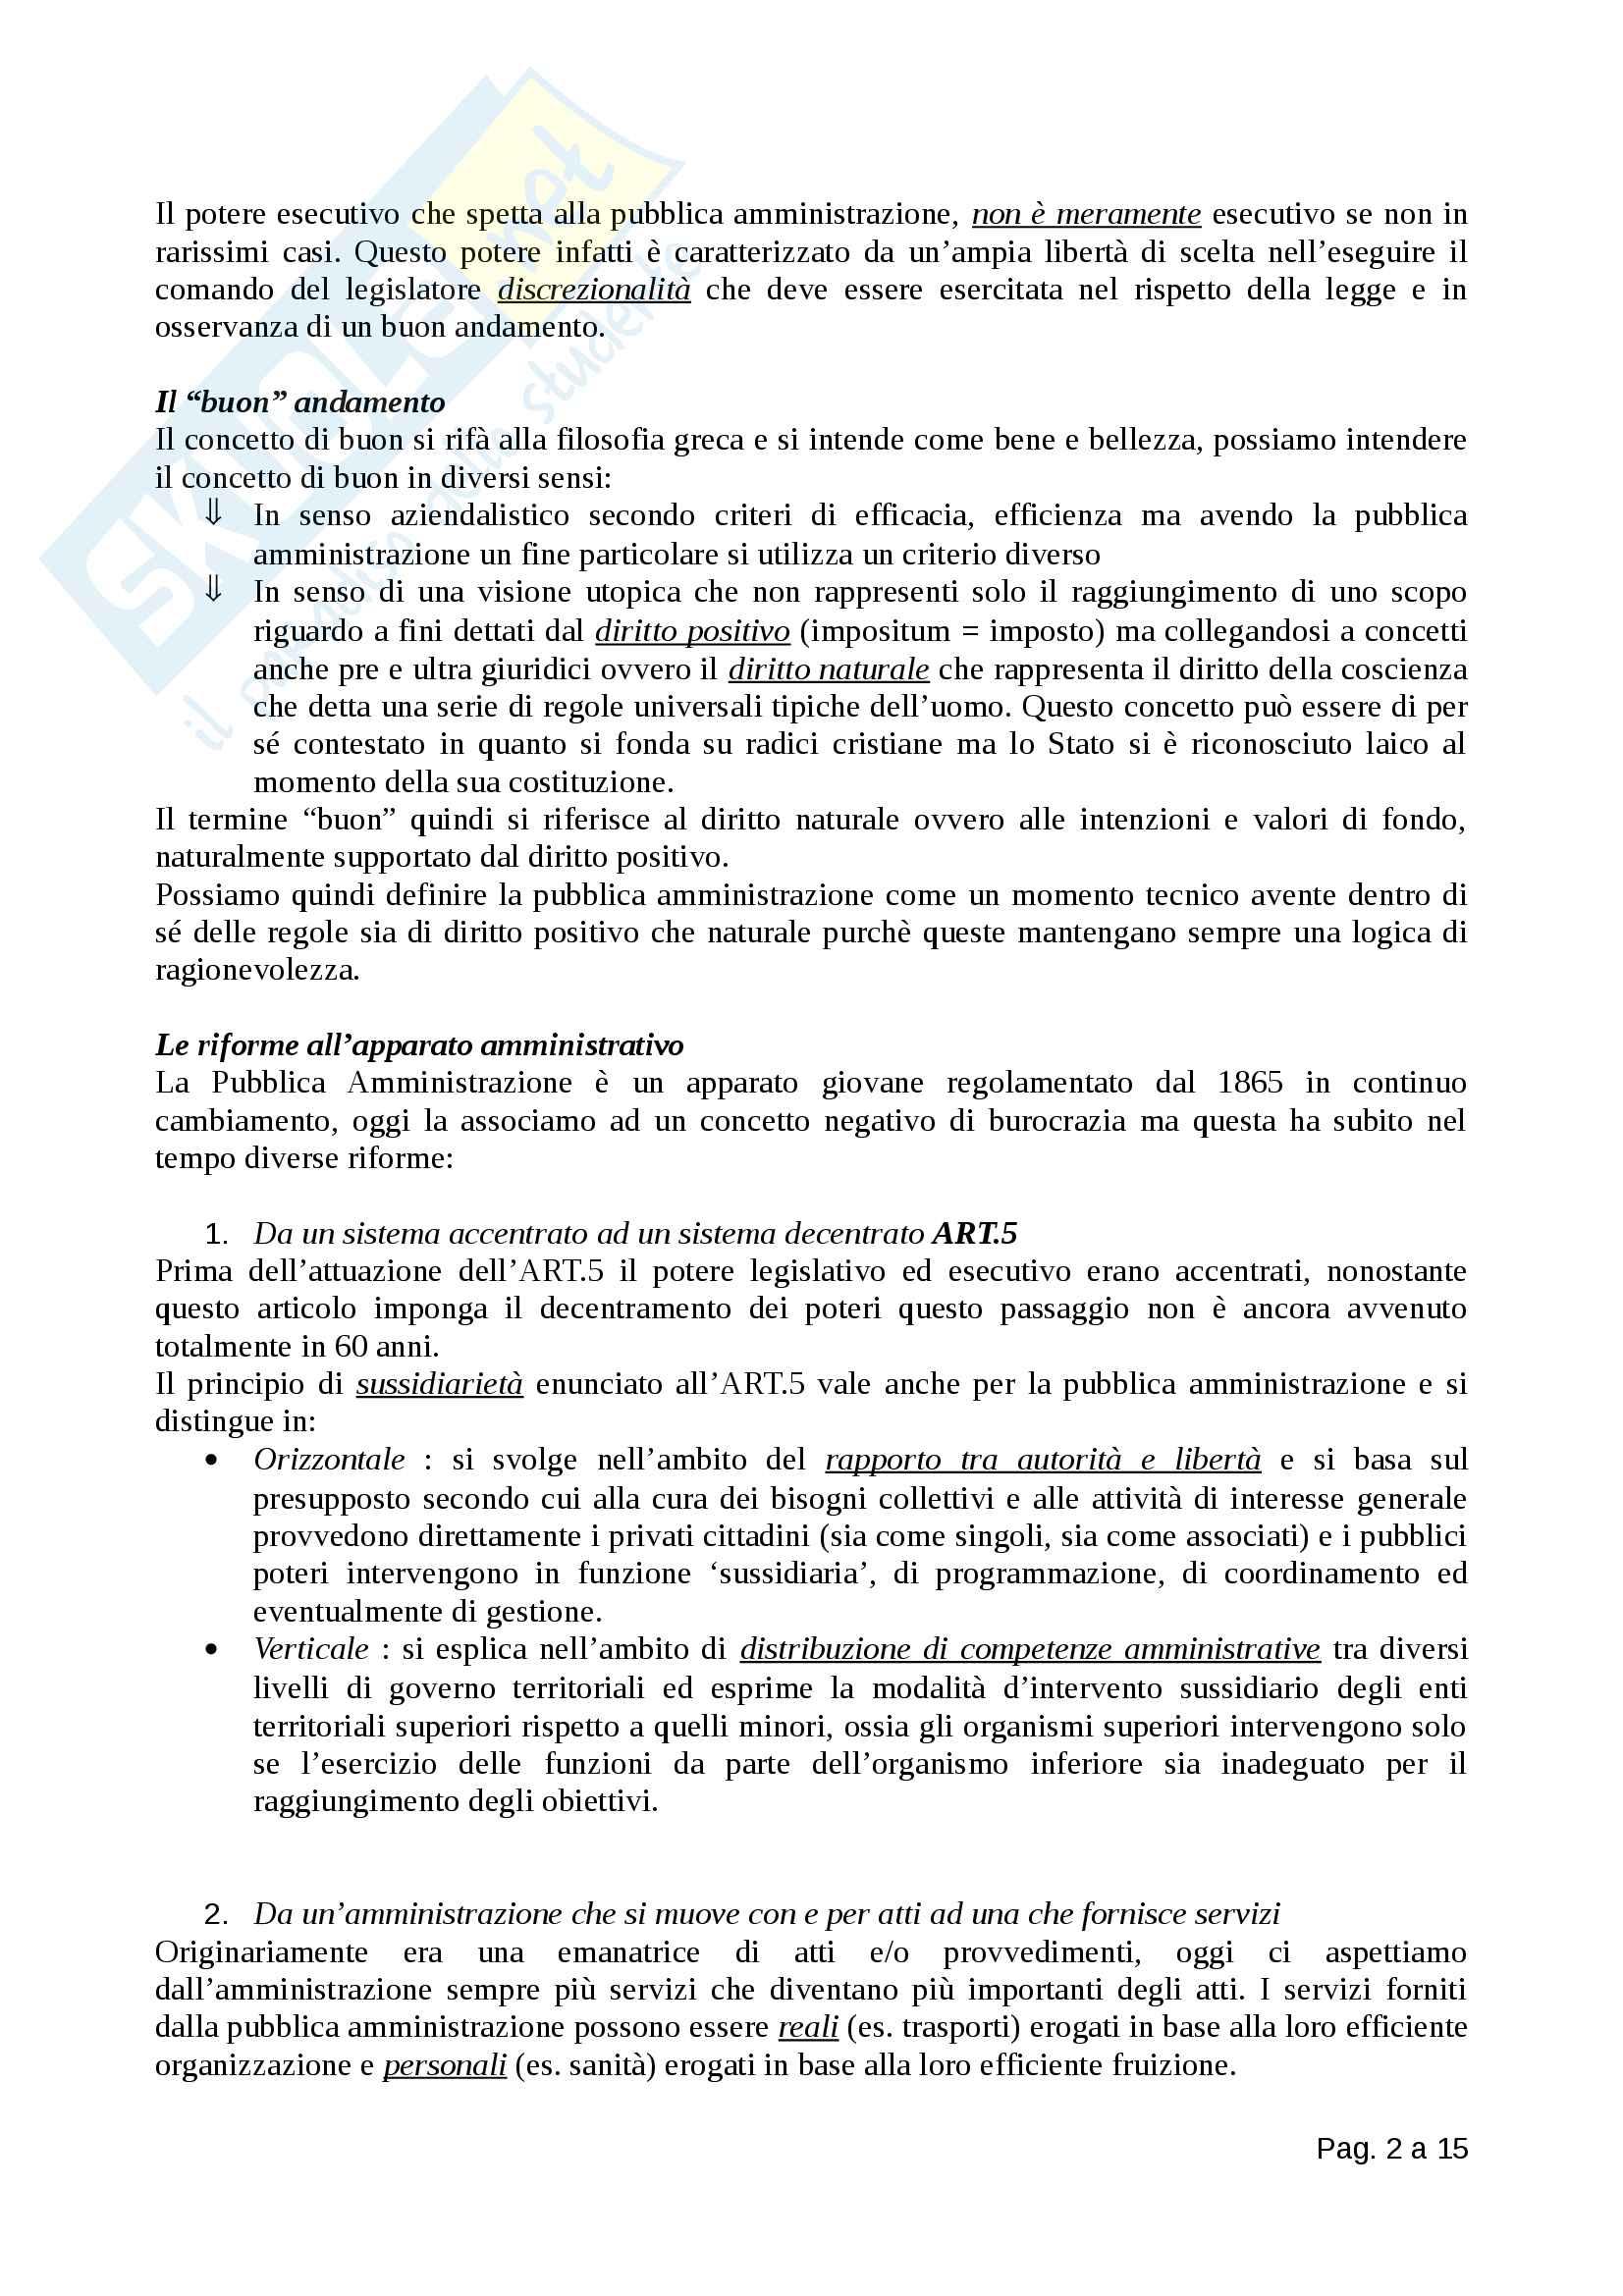 Diritto Amministrativo - Totale Pag. 2